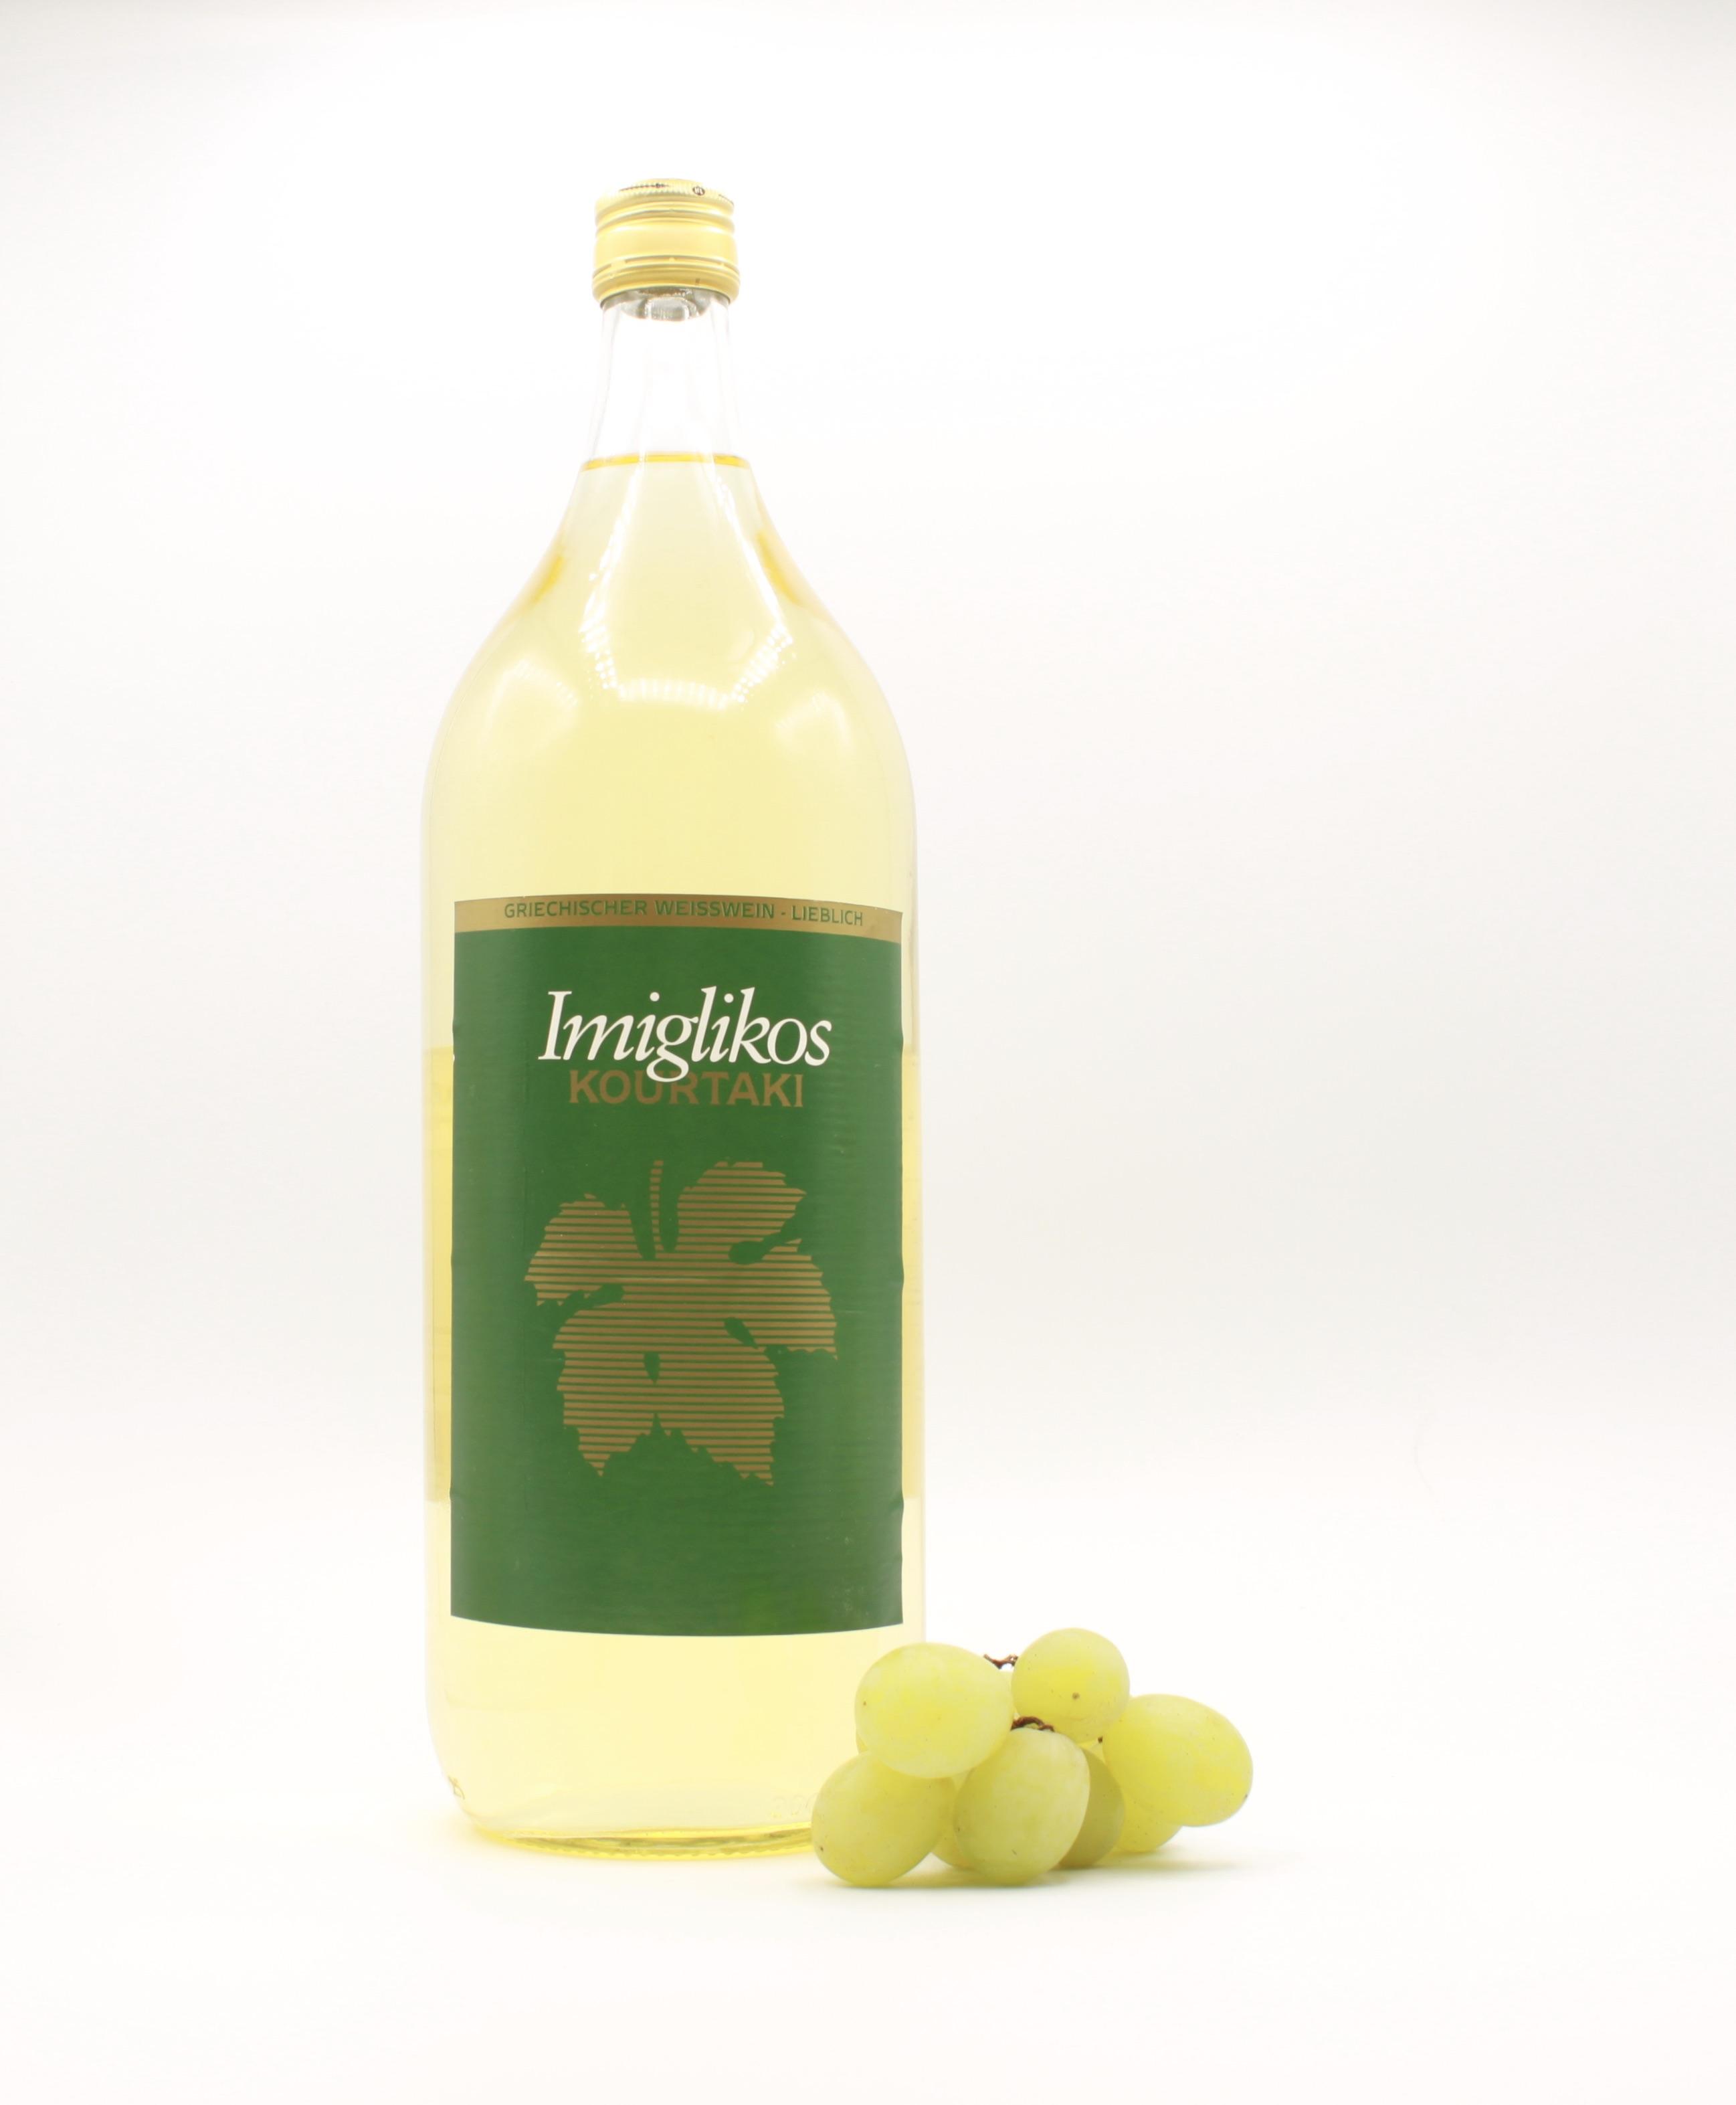 Imiglykos weiß - Kourtaki, Griechischer Weißwein, 2l